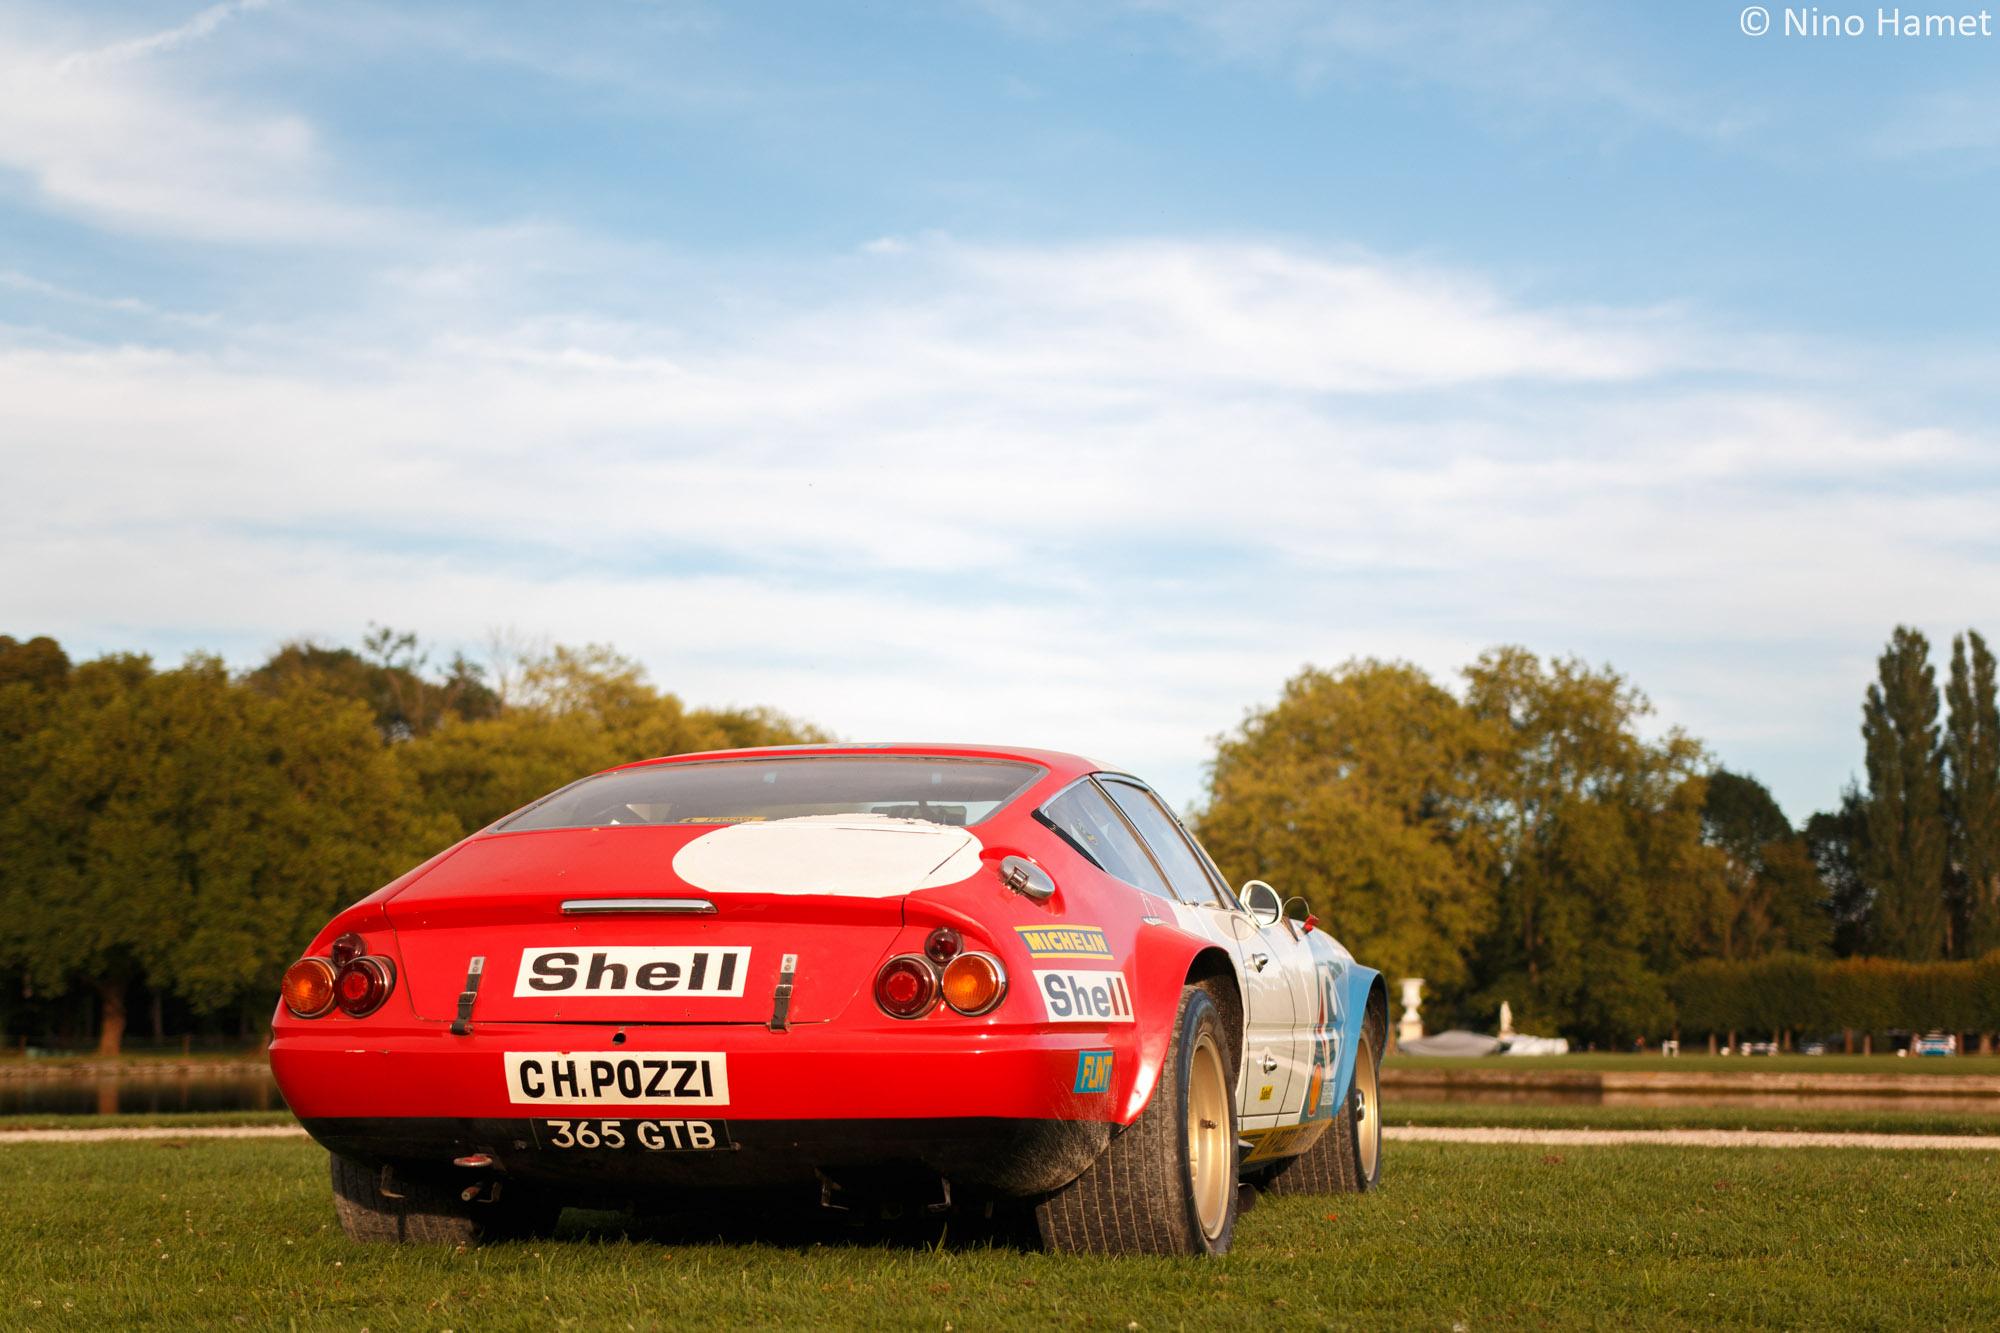 Hommage à l'écurie Pozzi, premier prix : Ferrari 365 GTB/4 Competizione SII 1972